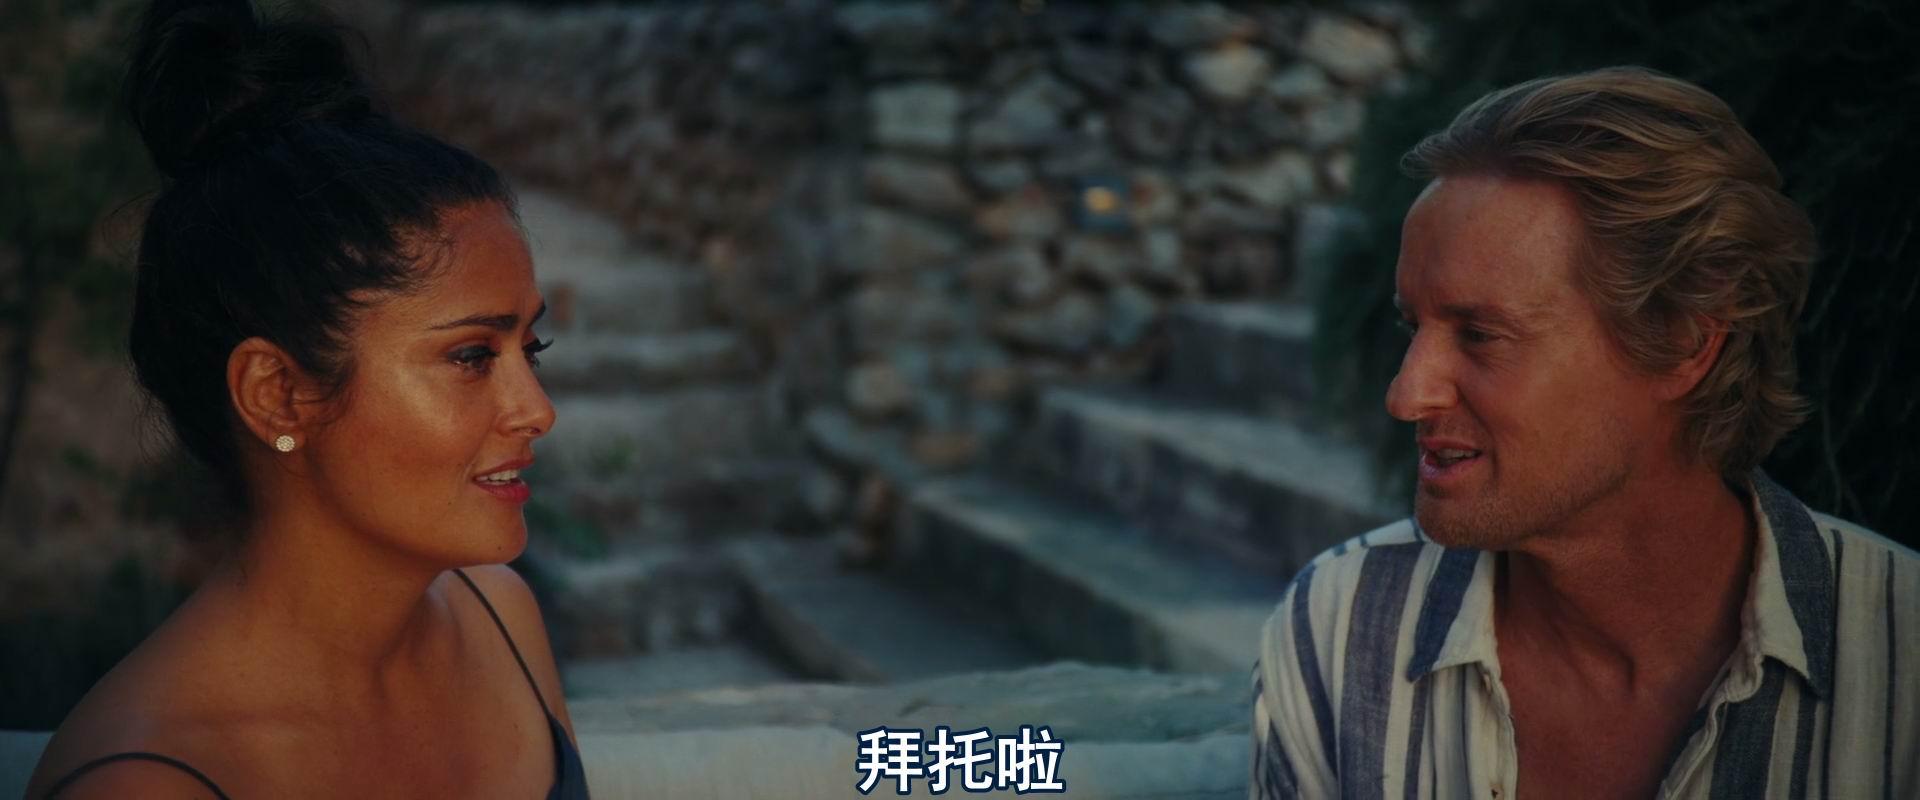 【博狗扑克】[极乐][WEB-MKV/2G][英语中字][2021新片/1080p]